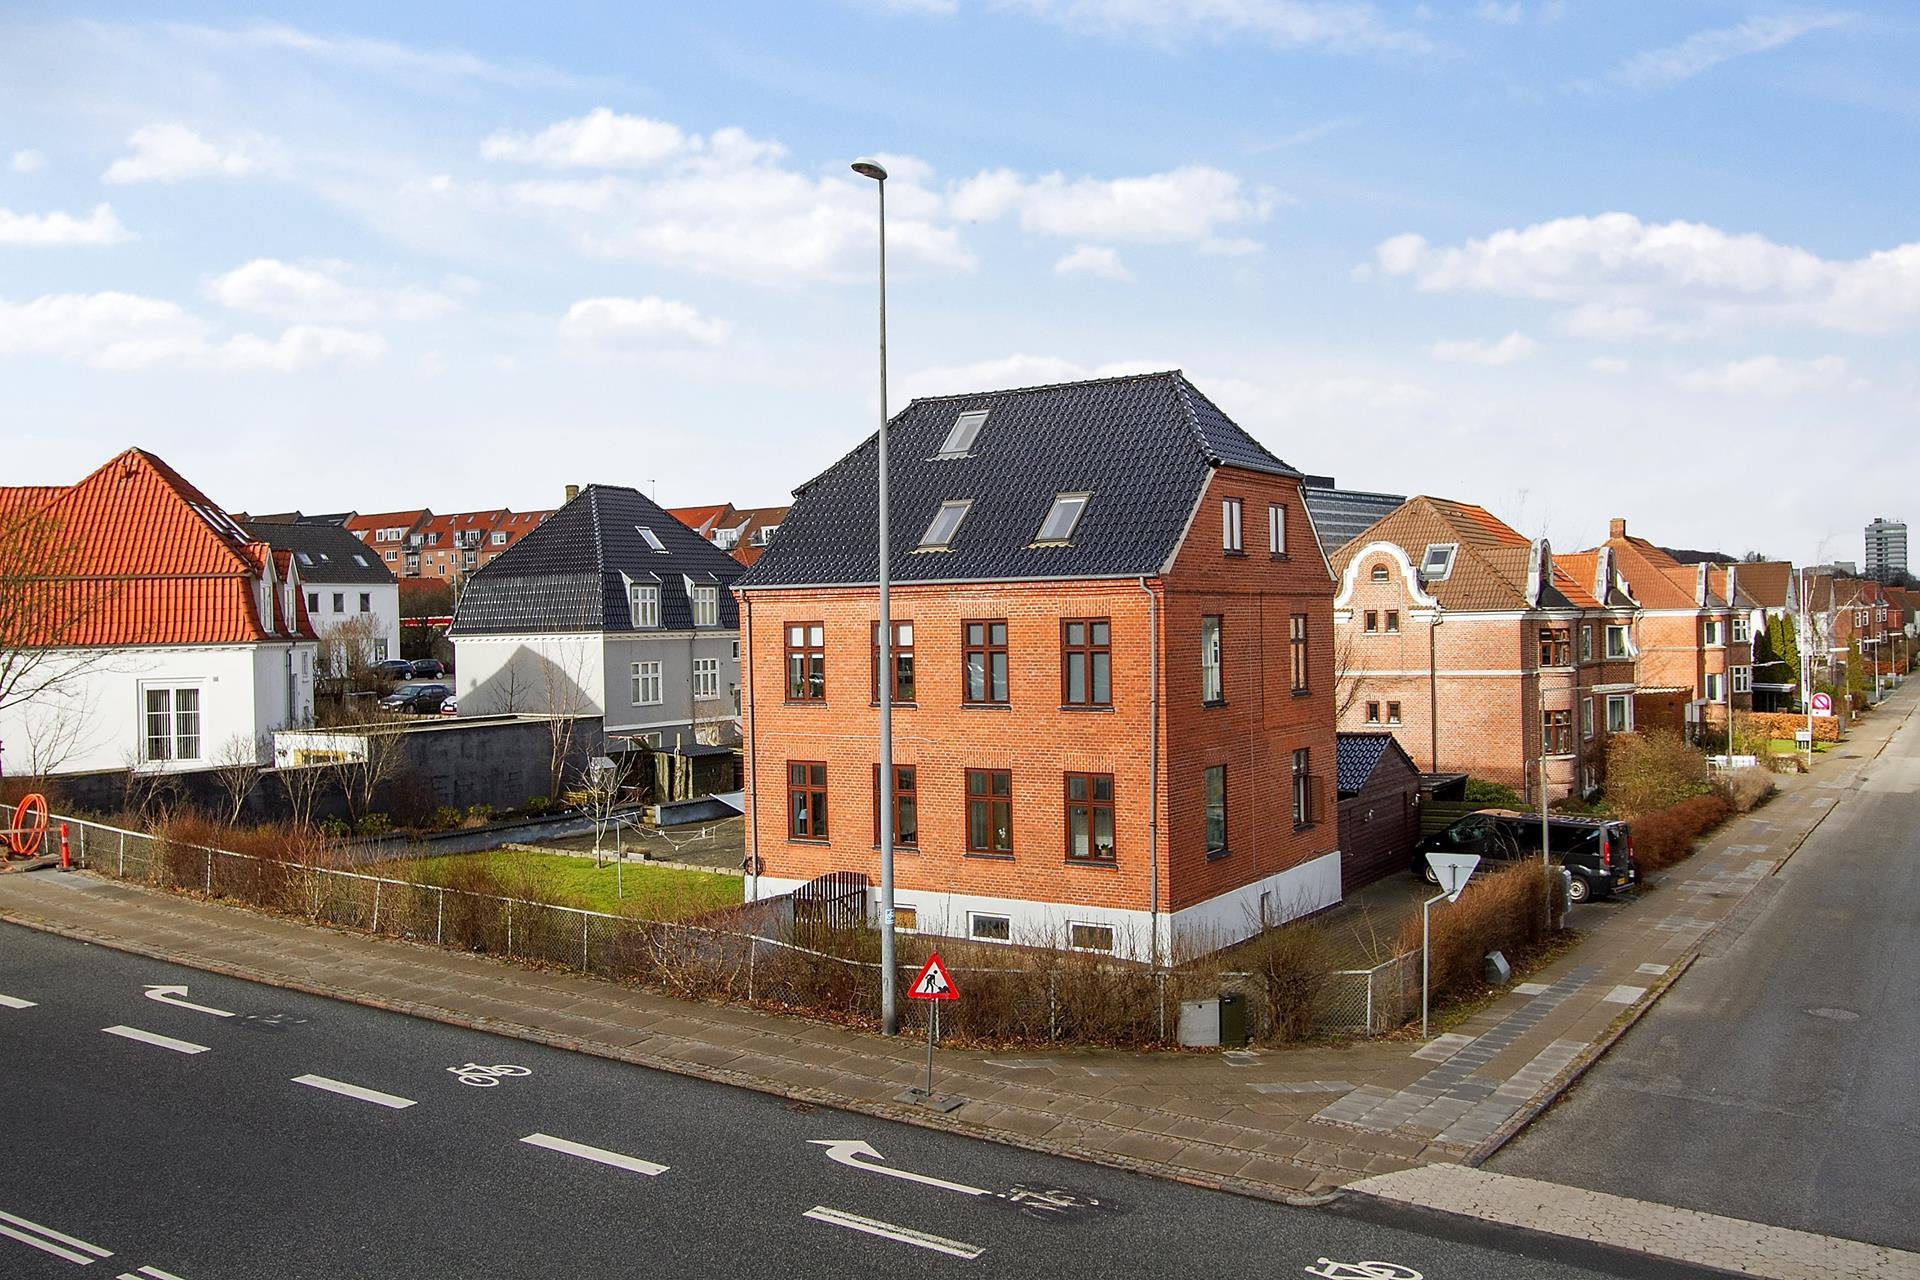 Bolig/erhverv på Tyge Brahes Vej i Aalborg - Ejendommen